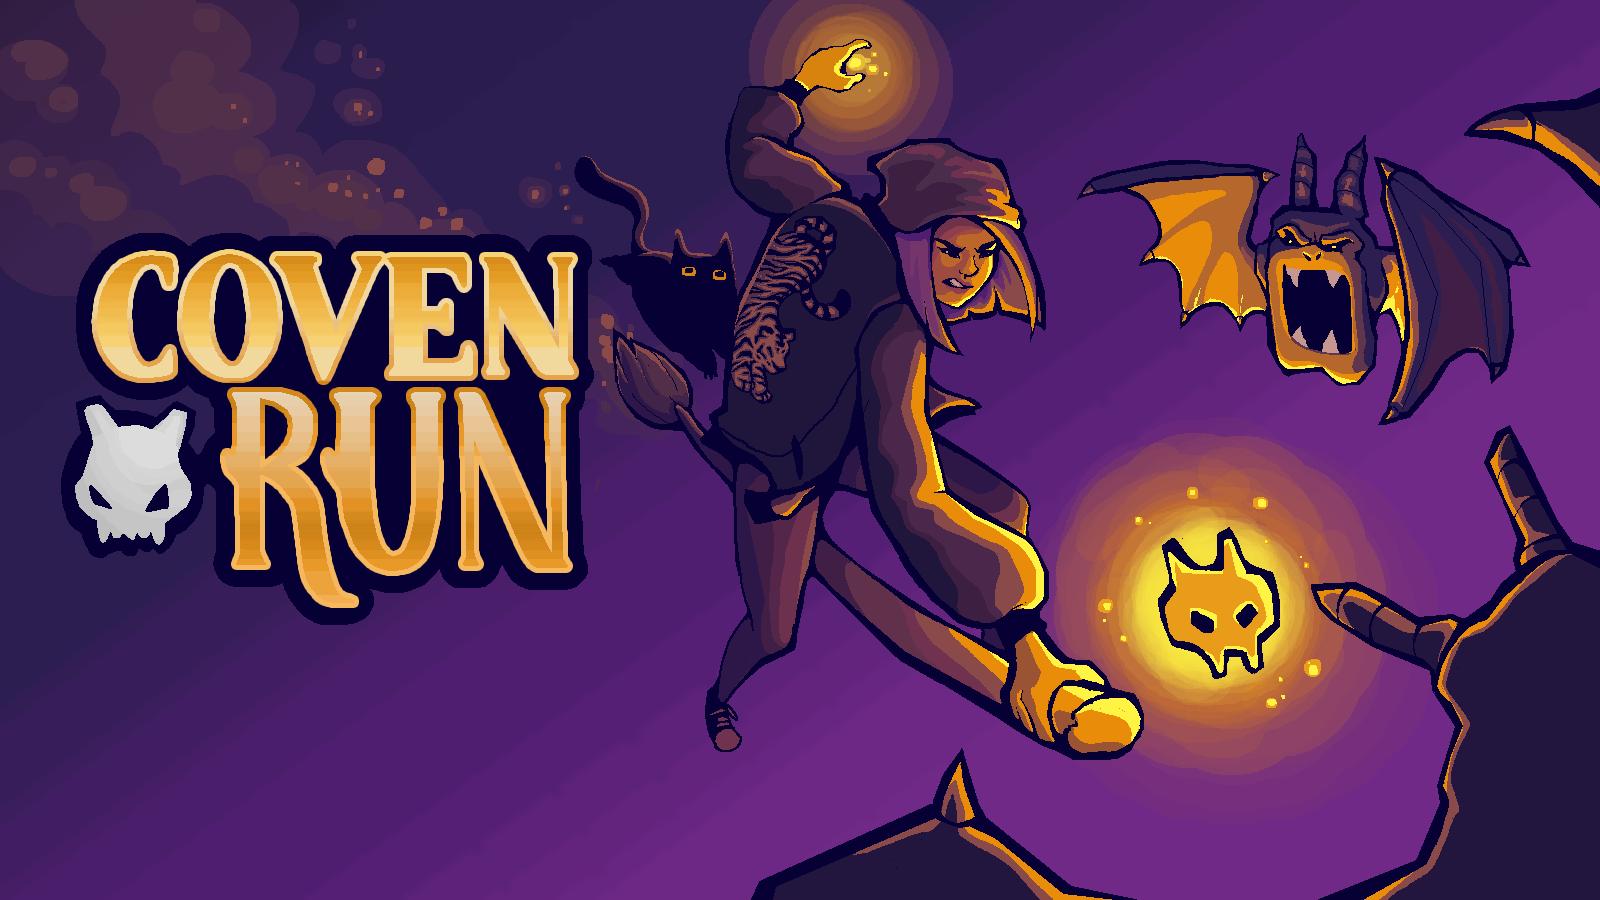 Coven Run